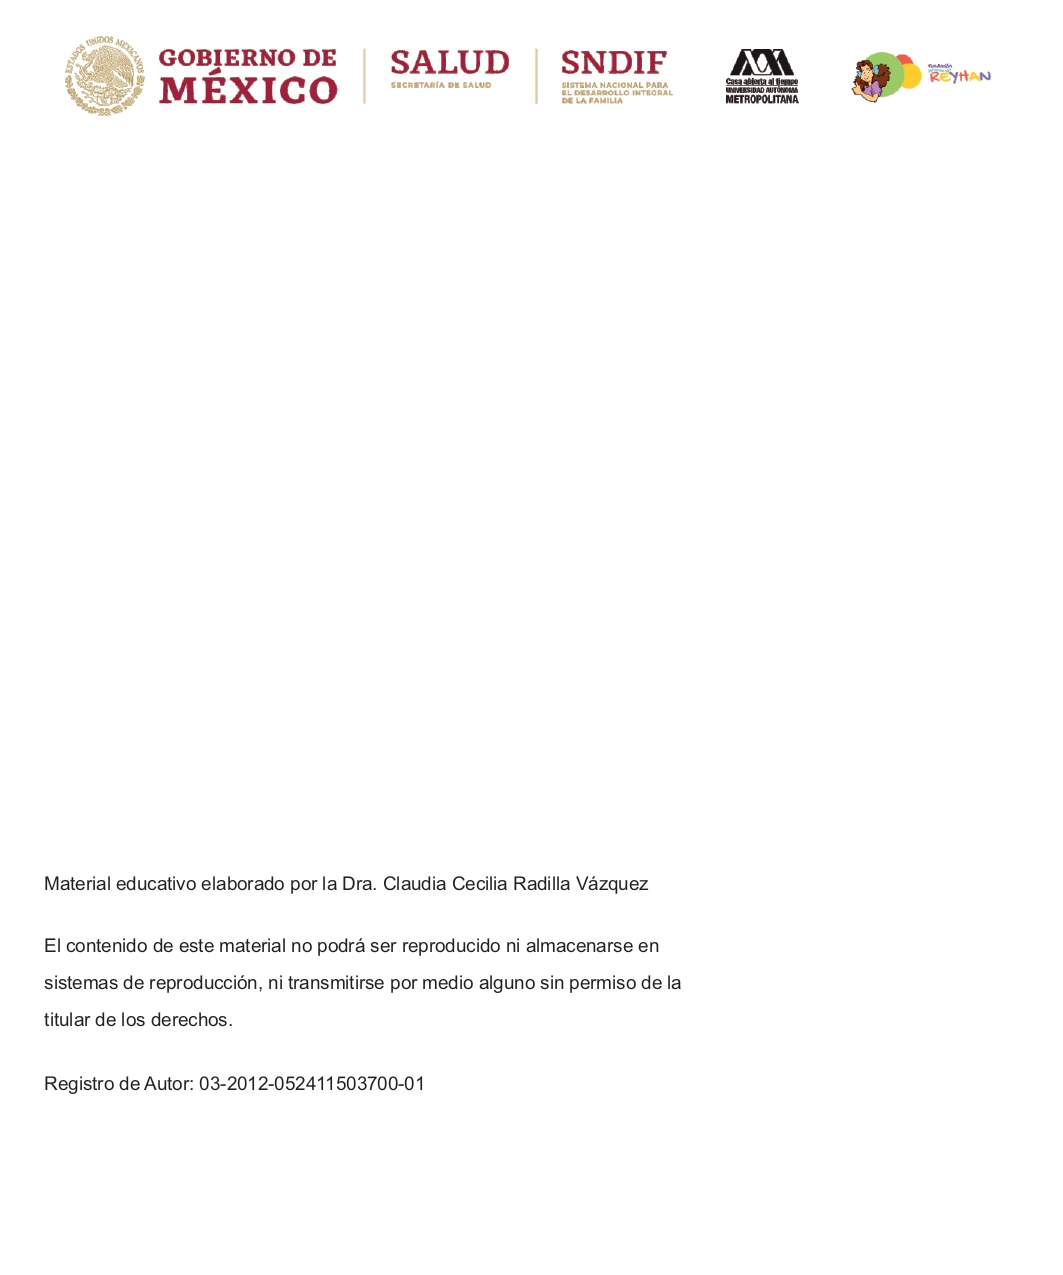 Psicología padres Reyhan cap2 digital_page-0002